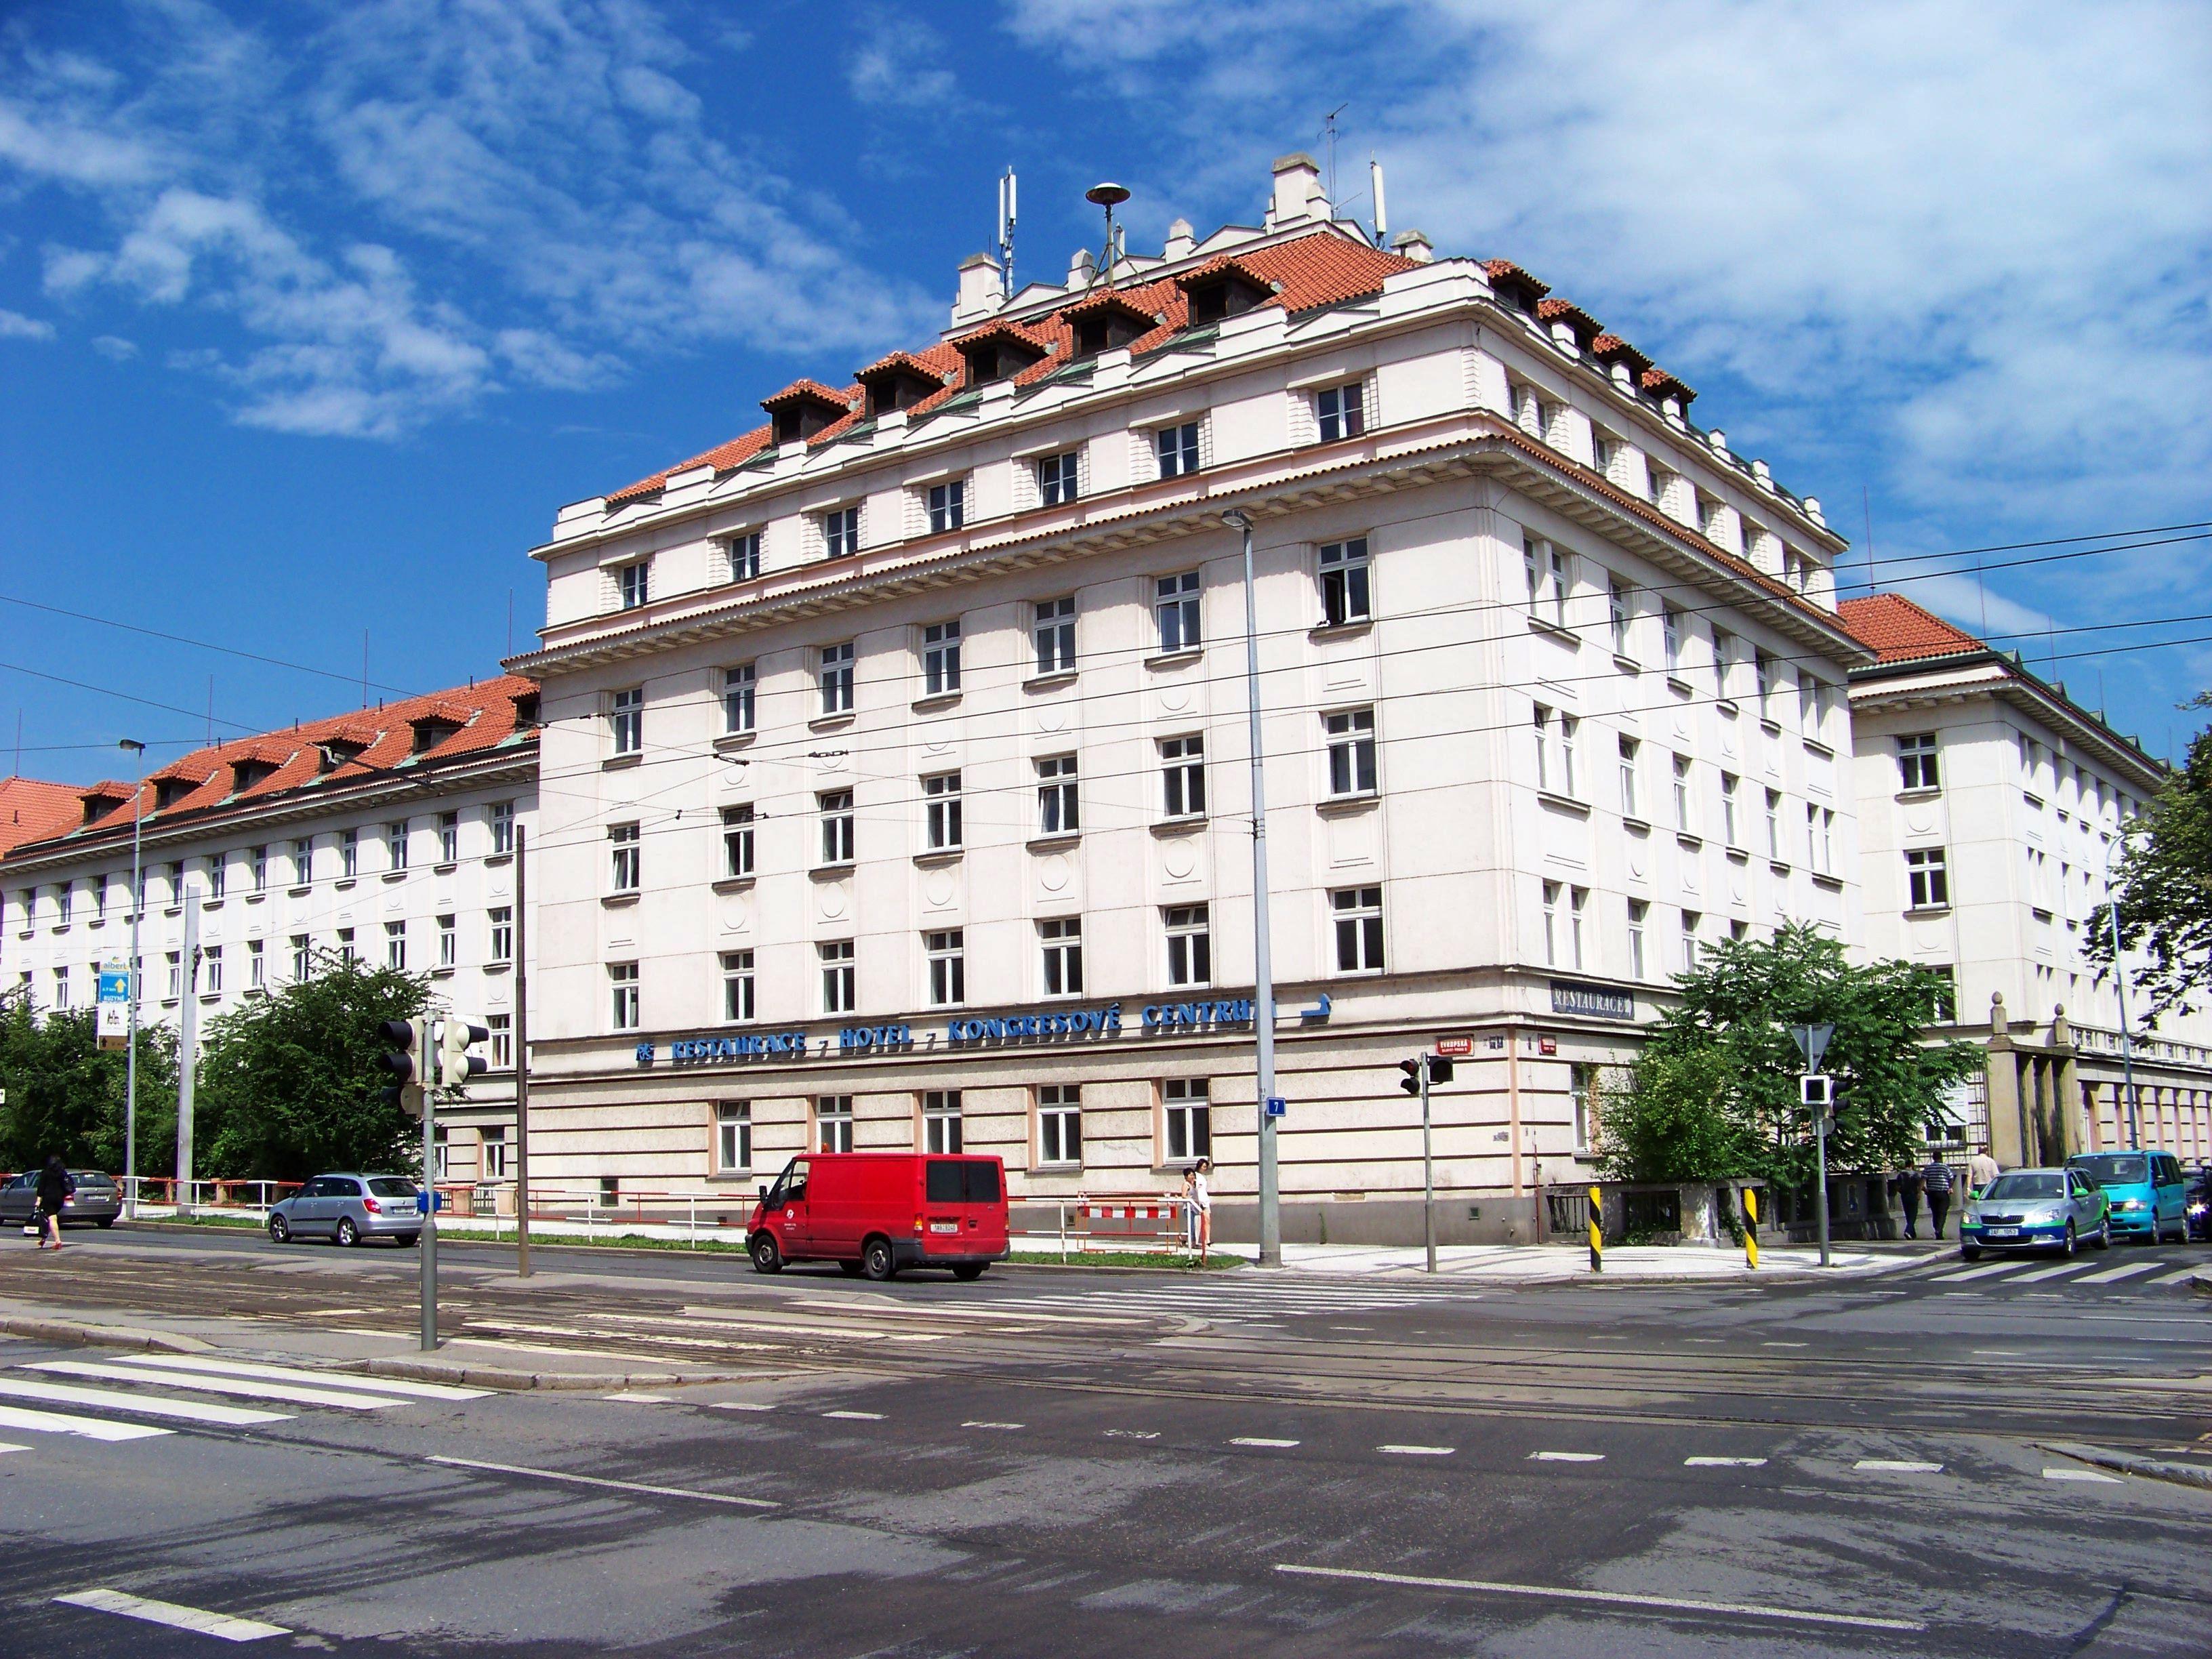 Prague czech republic location istanbul turkey location for Prague location